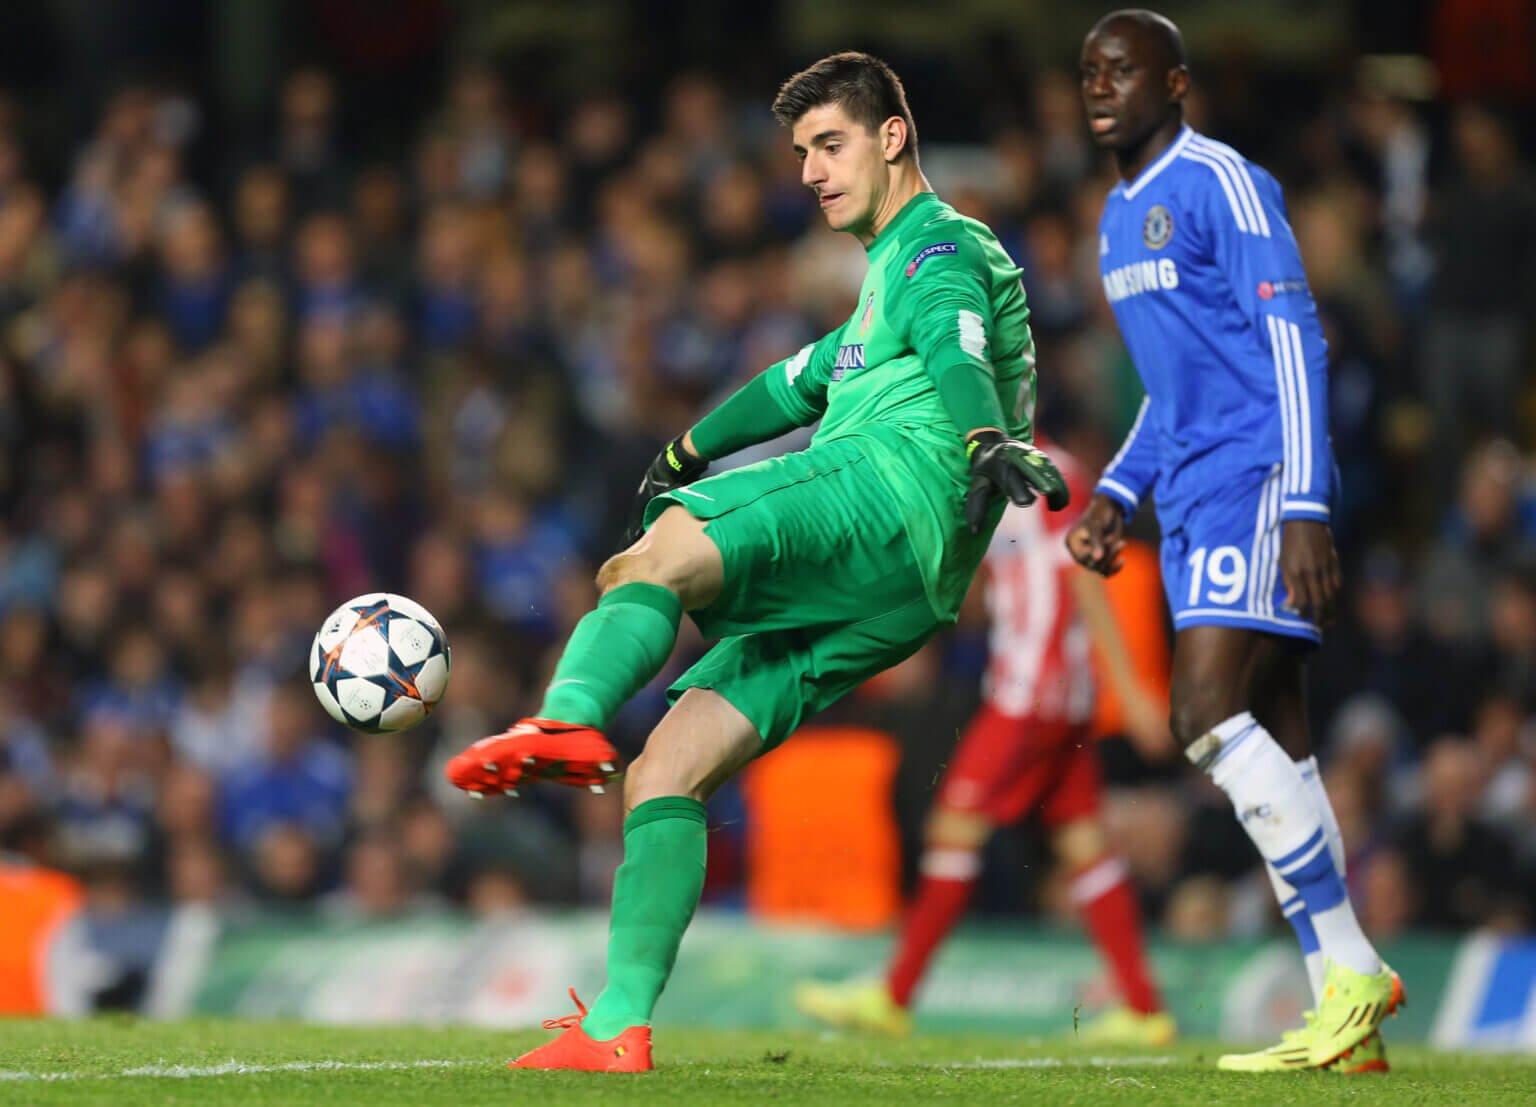 Năm 2014, Courtois góp công lớn giúp Atletico loại đội bóng chủ quản Chelsea tại bán kết Champions League